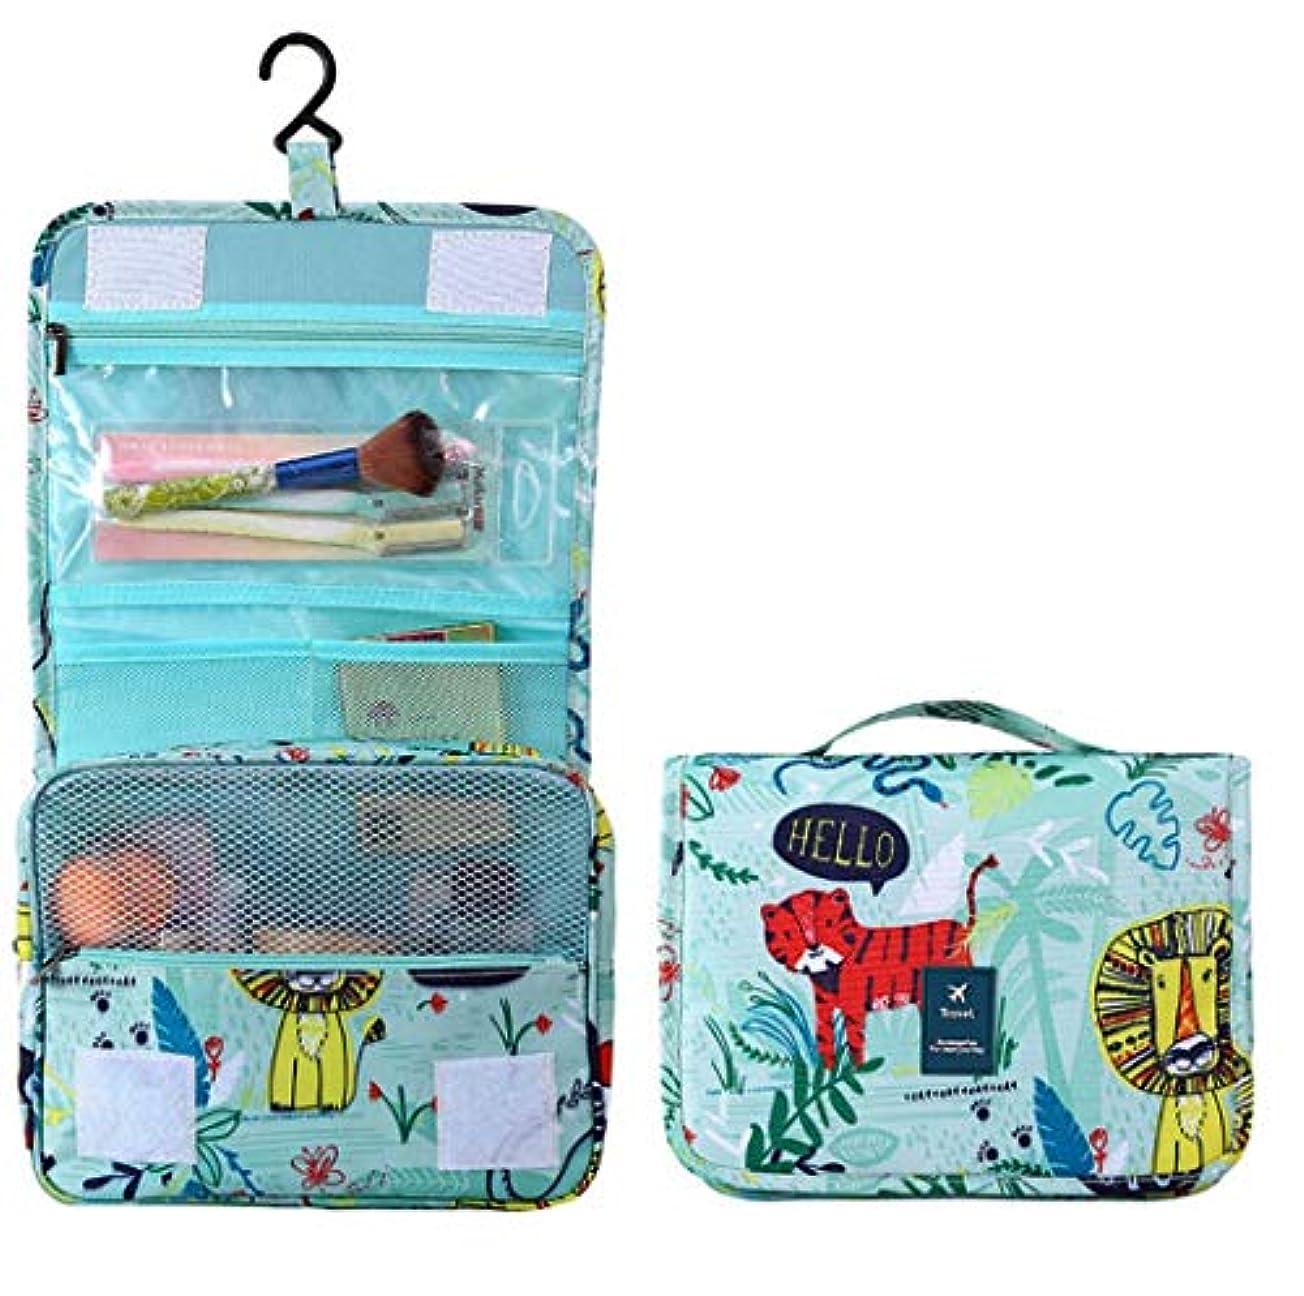 校長相続人ペチュランス化粧品袋、ウォッシュバッグ、トラベルバッグ、洗顔、収納、浴室収納バッグ、ぶら下げ、小物、収納、パッキングバッグ、旅行、海外、旅行用品、育児用品